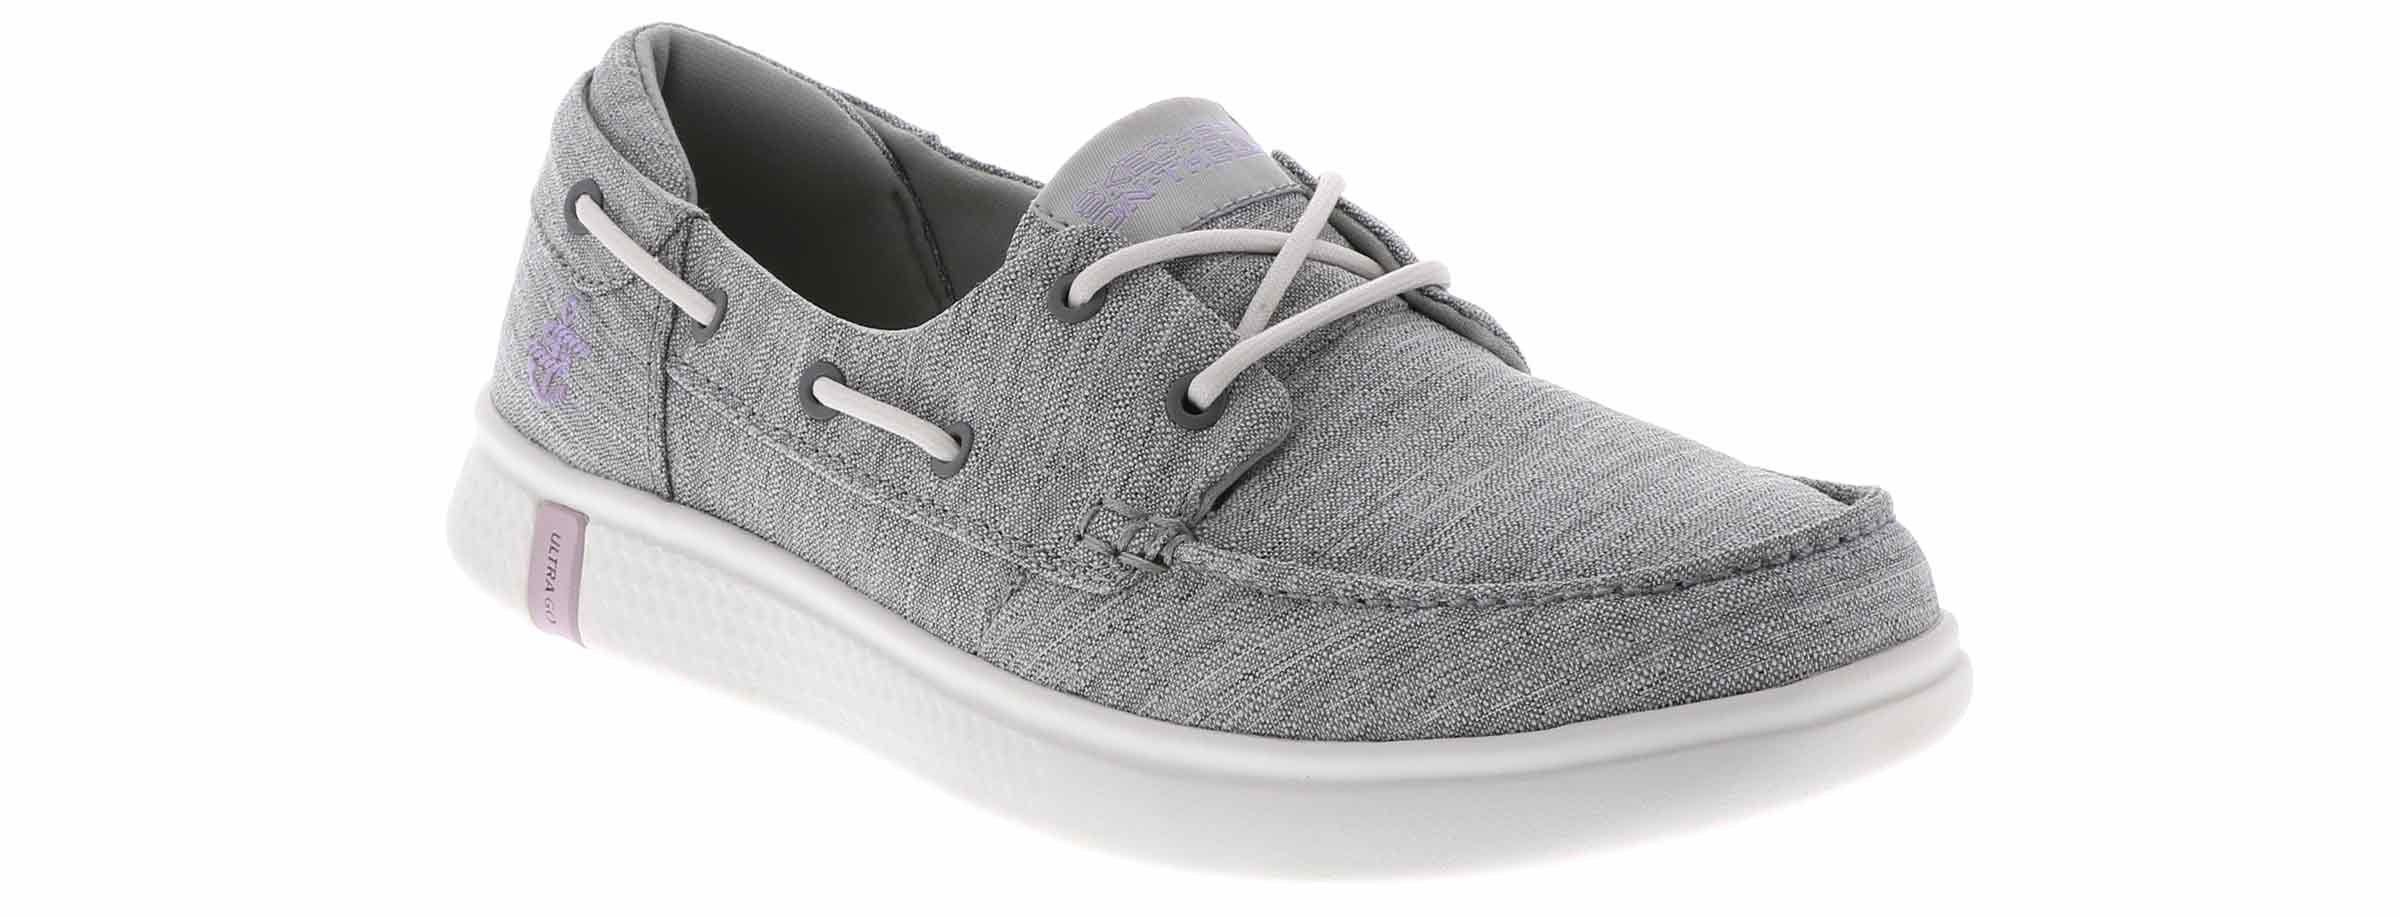 Women's Casual Shoes & Footwear | Shoe Sensation